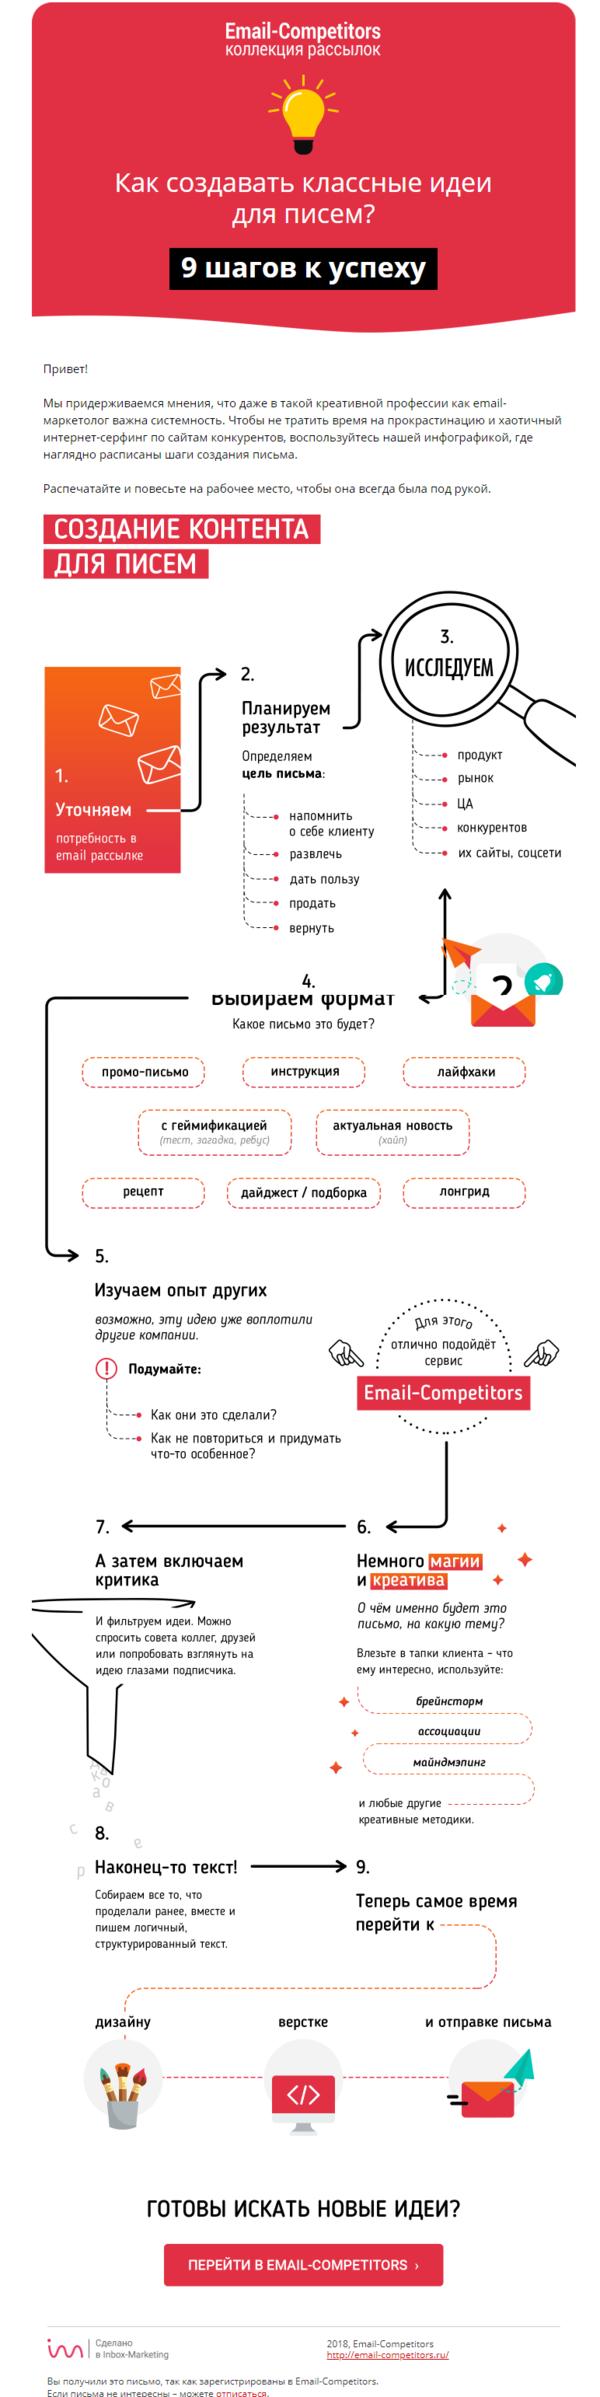 Пример инфографики-инструкции в рассылке от Email-Competitor